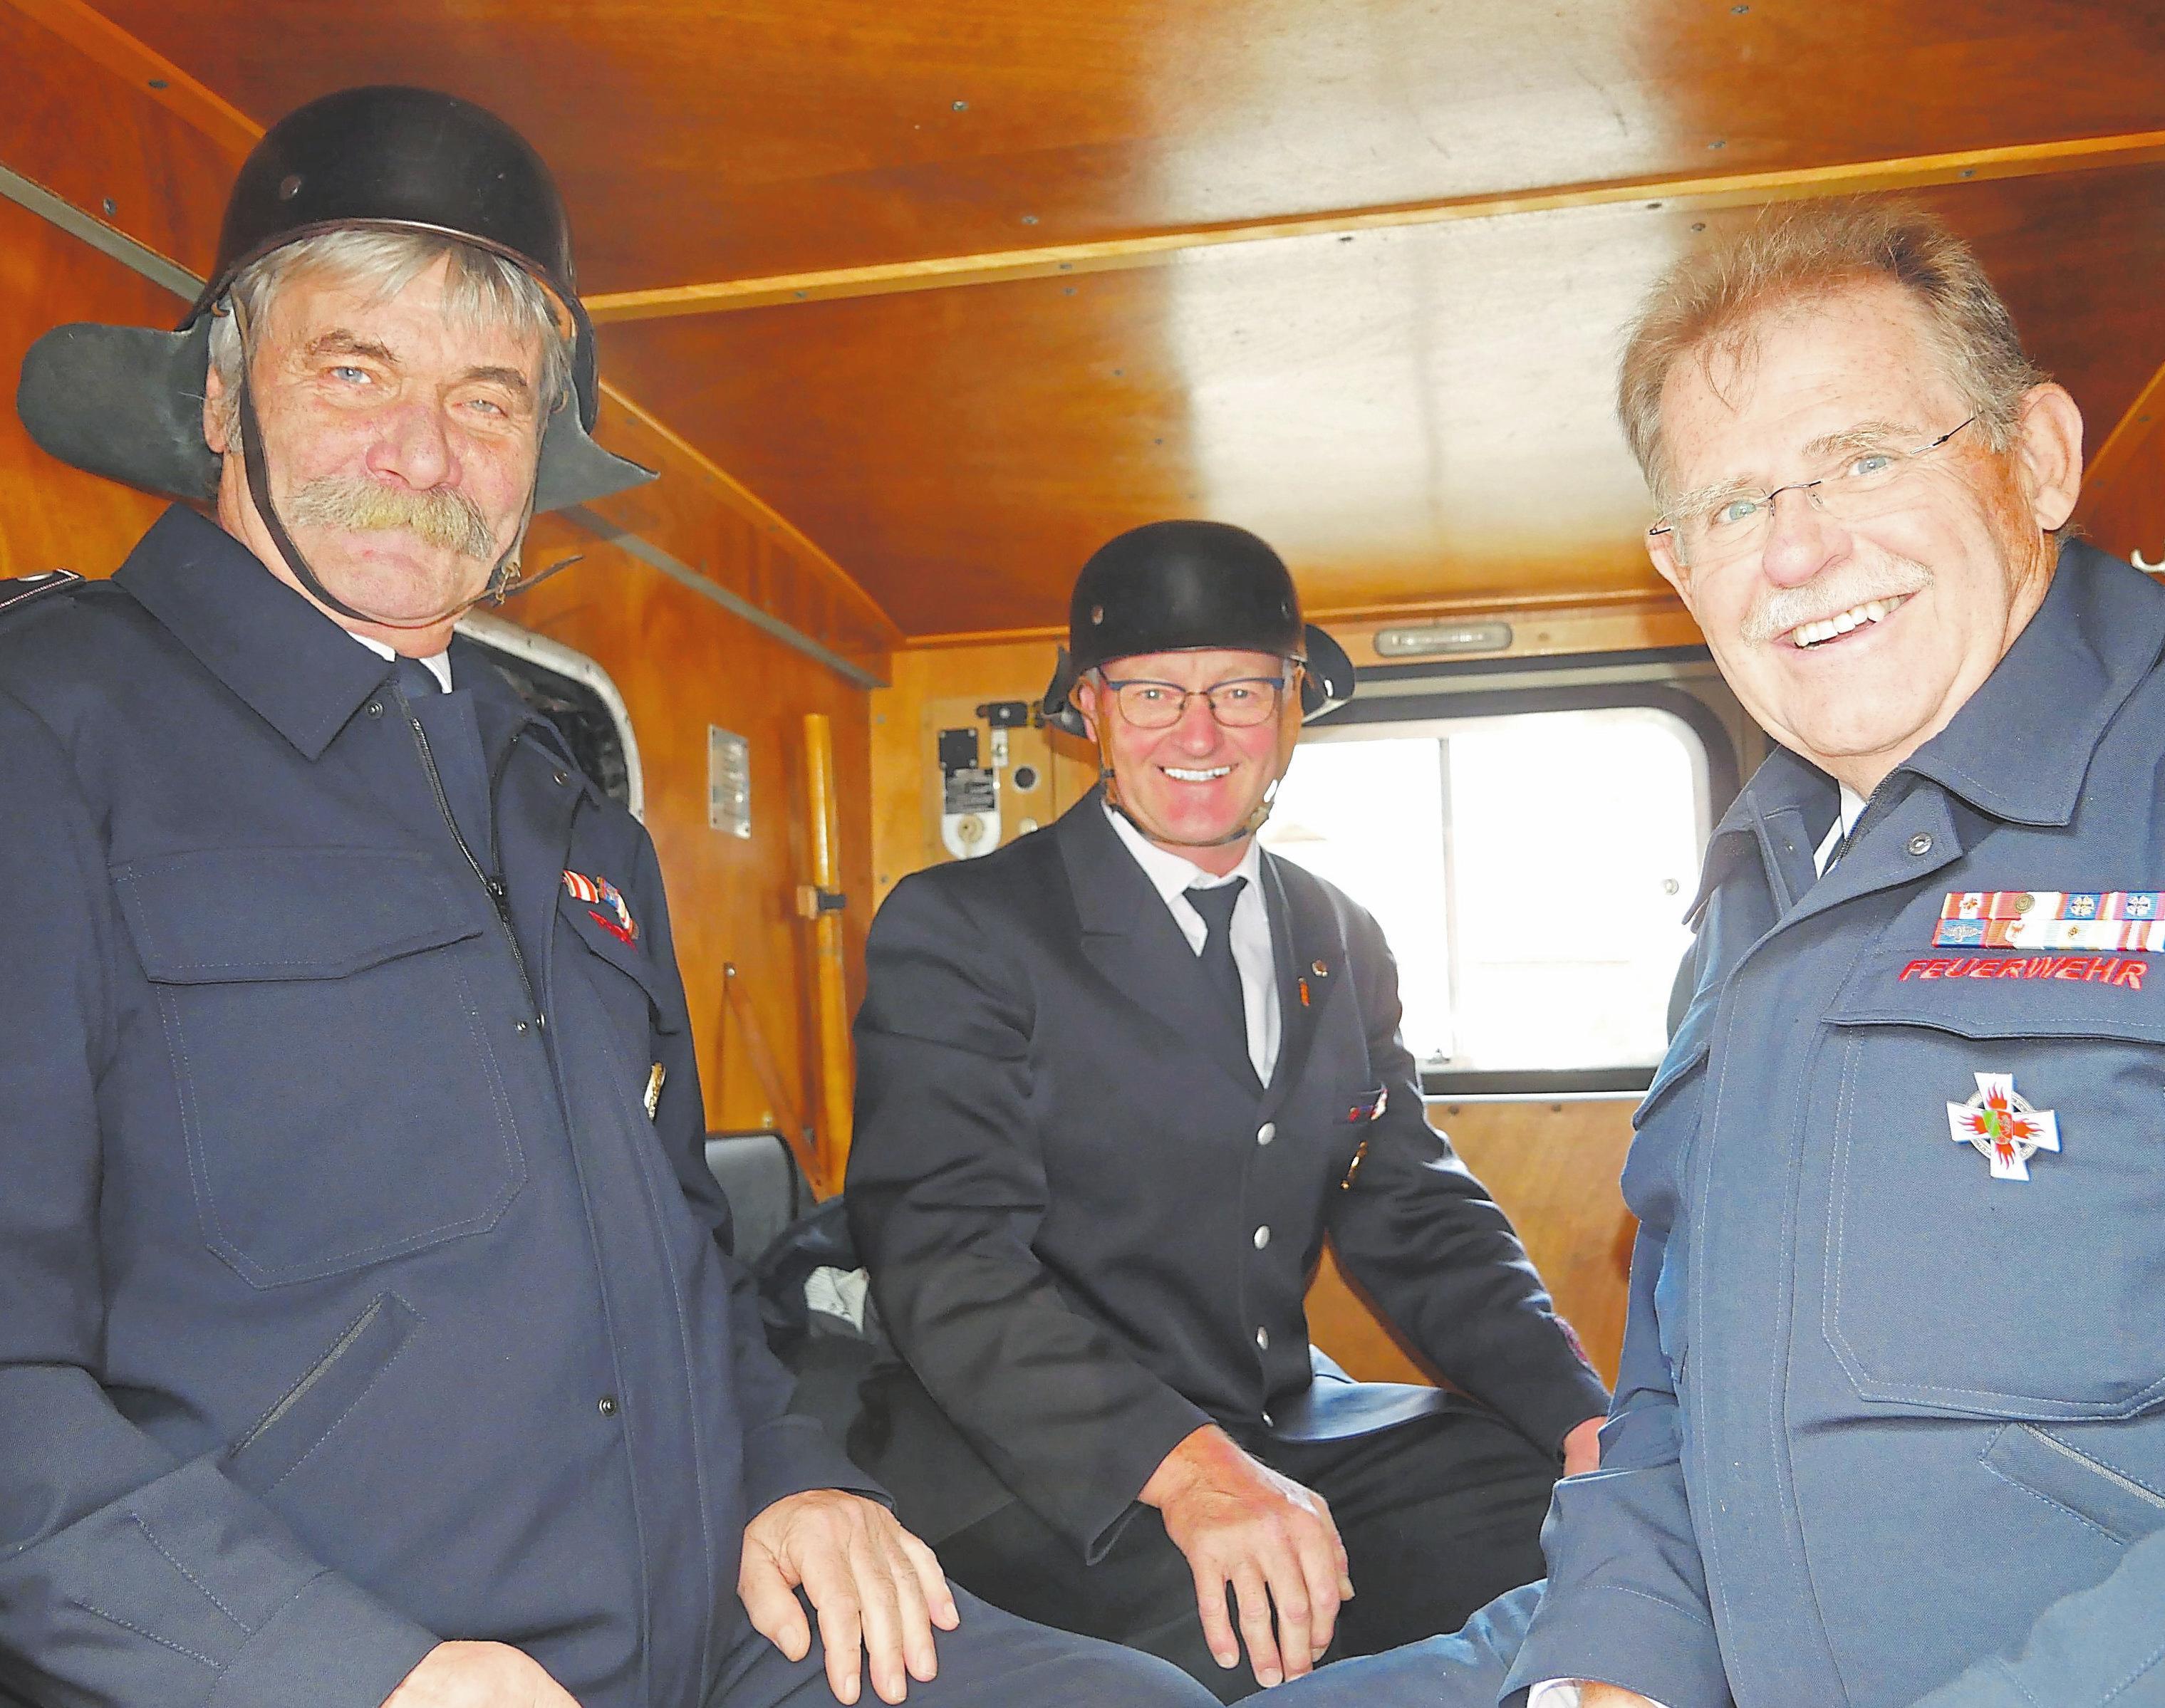 Fast wie vor 50 Jahren: Franz-Peter Datema, Herbert Sievers und Reinhard Seebröker nehmen im historischen Feuerwehrauto Platz. Foto: Christiane Husmann